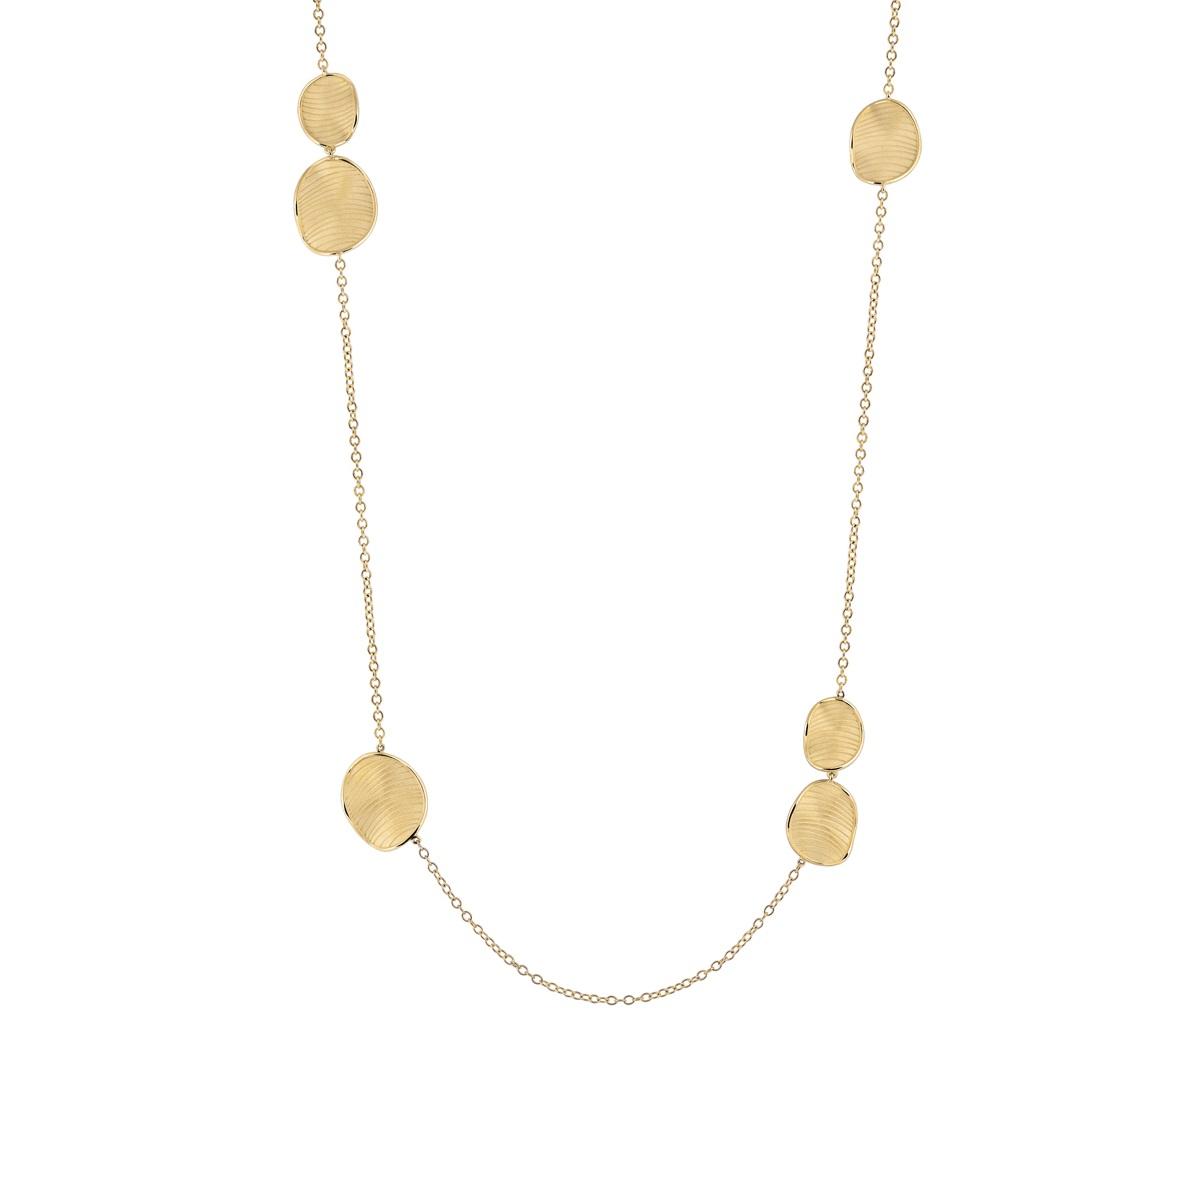 Annamaria Cammilli Velvet Collier aus Gelbgold